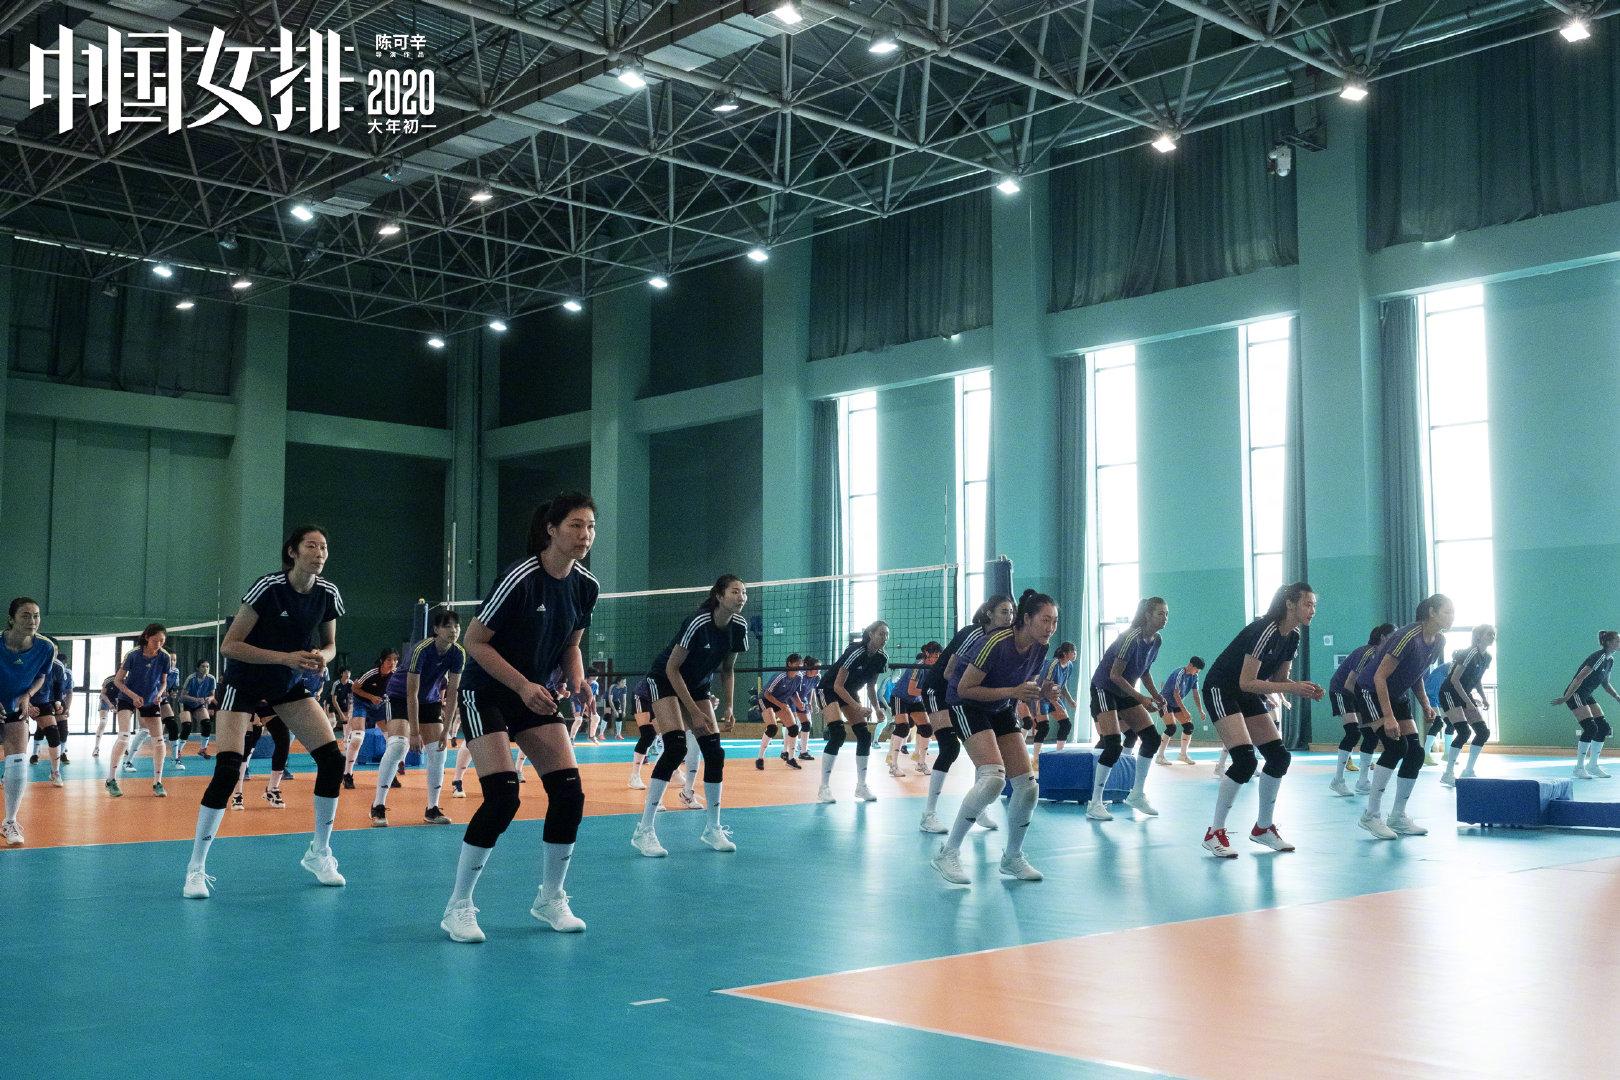 《中国女排》全新剧照曝光 赛场拼搏挥洒热血与青春